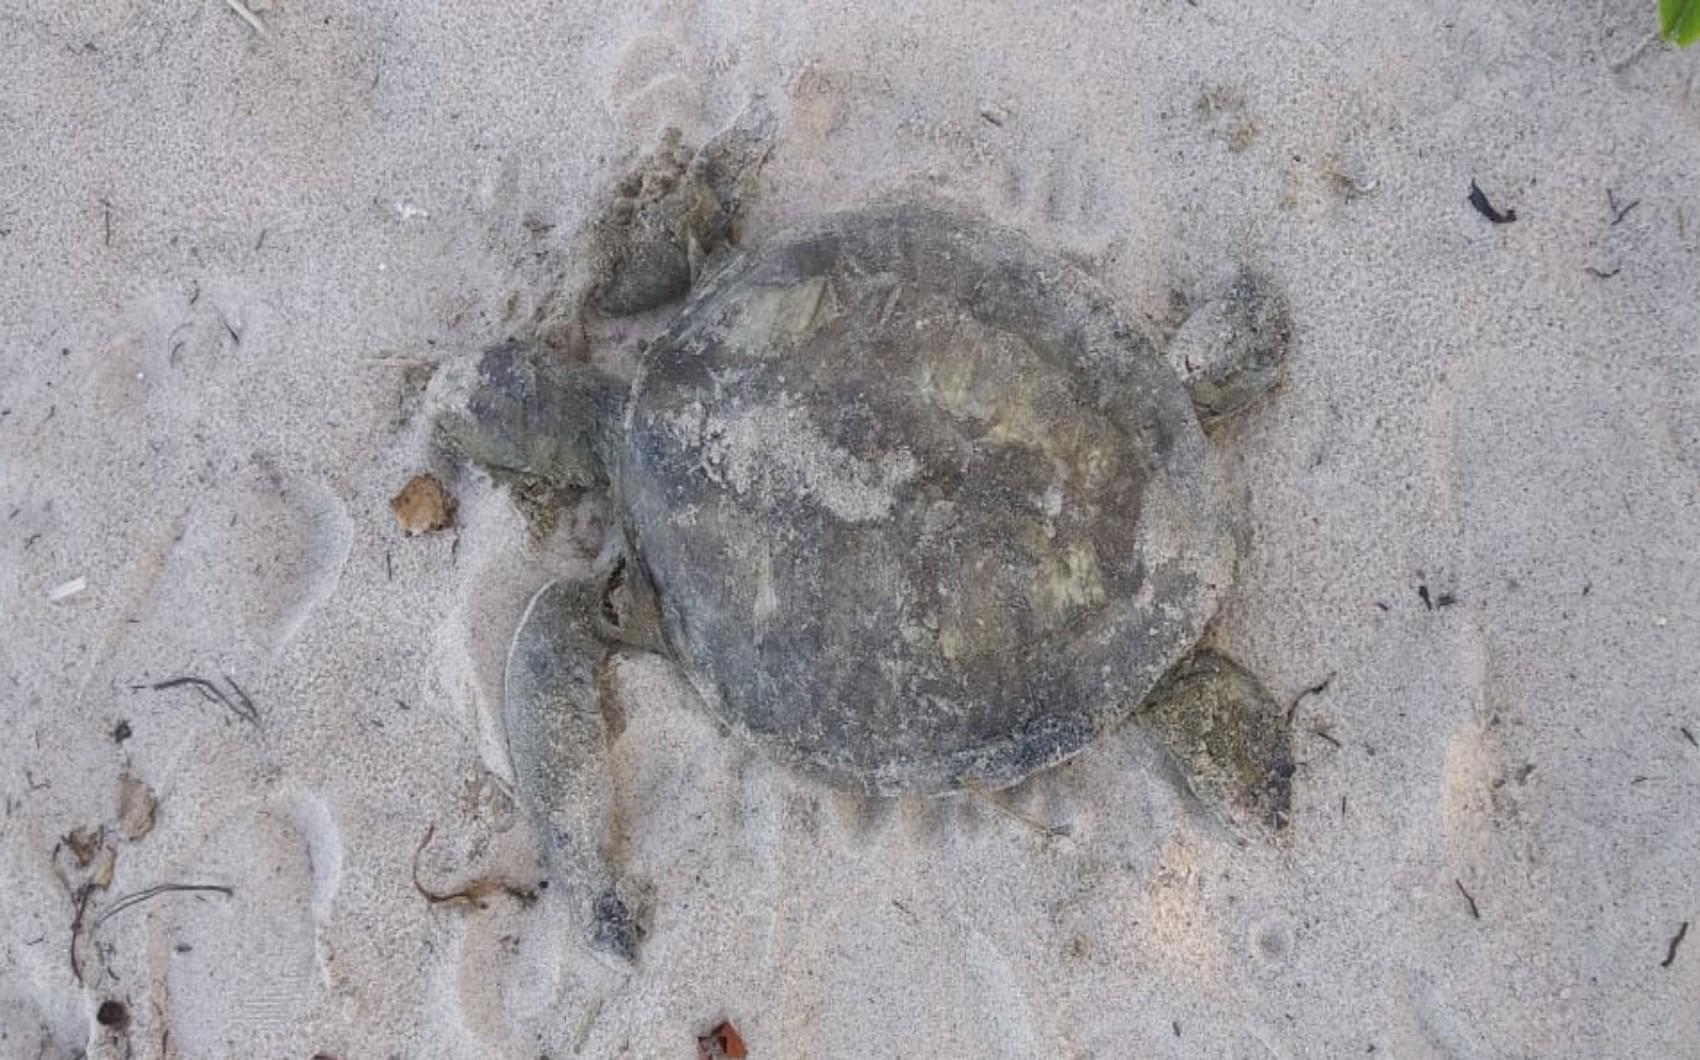 Tartarugas marinhas são encontradas mortas em praias no sul da Bahia